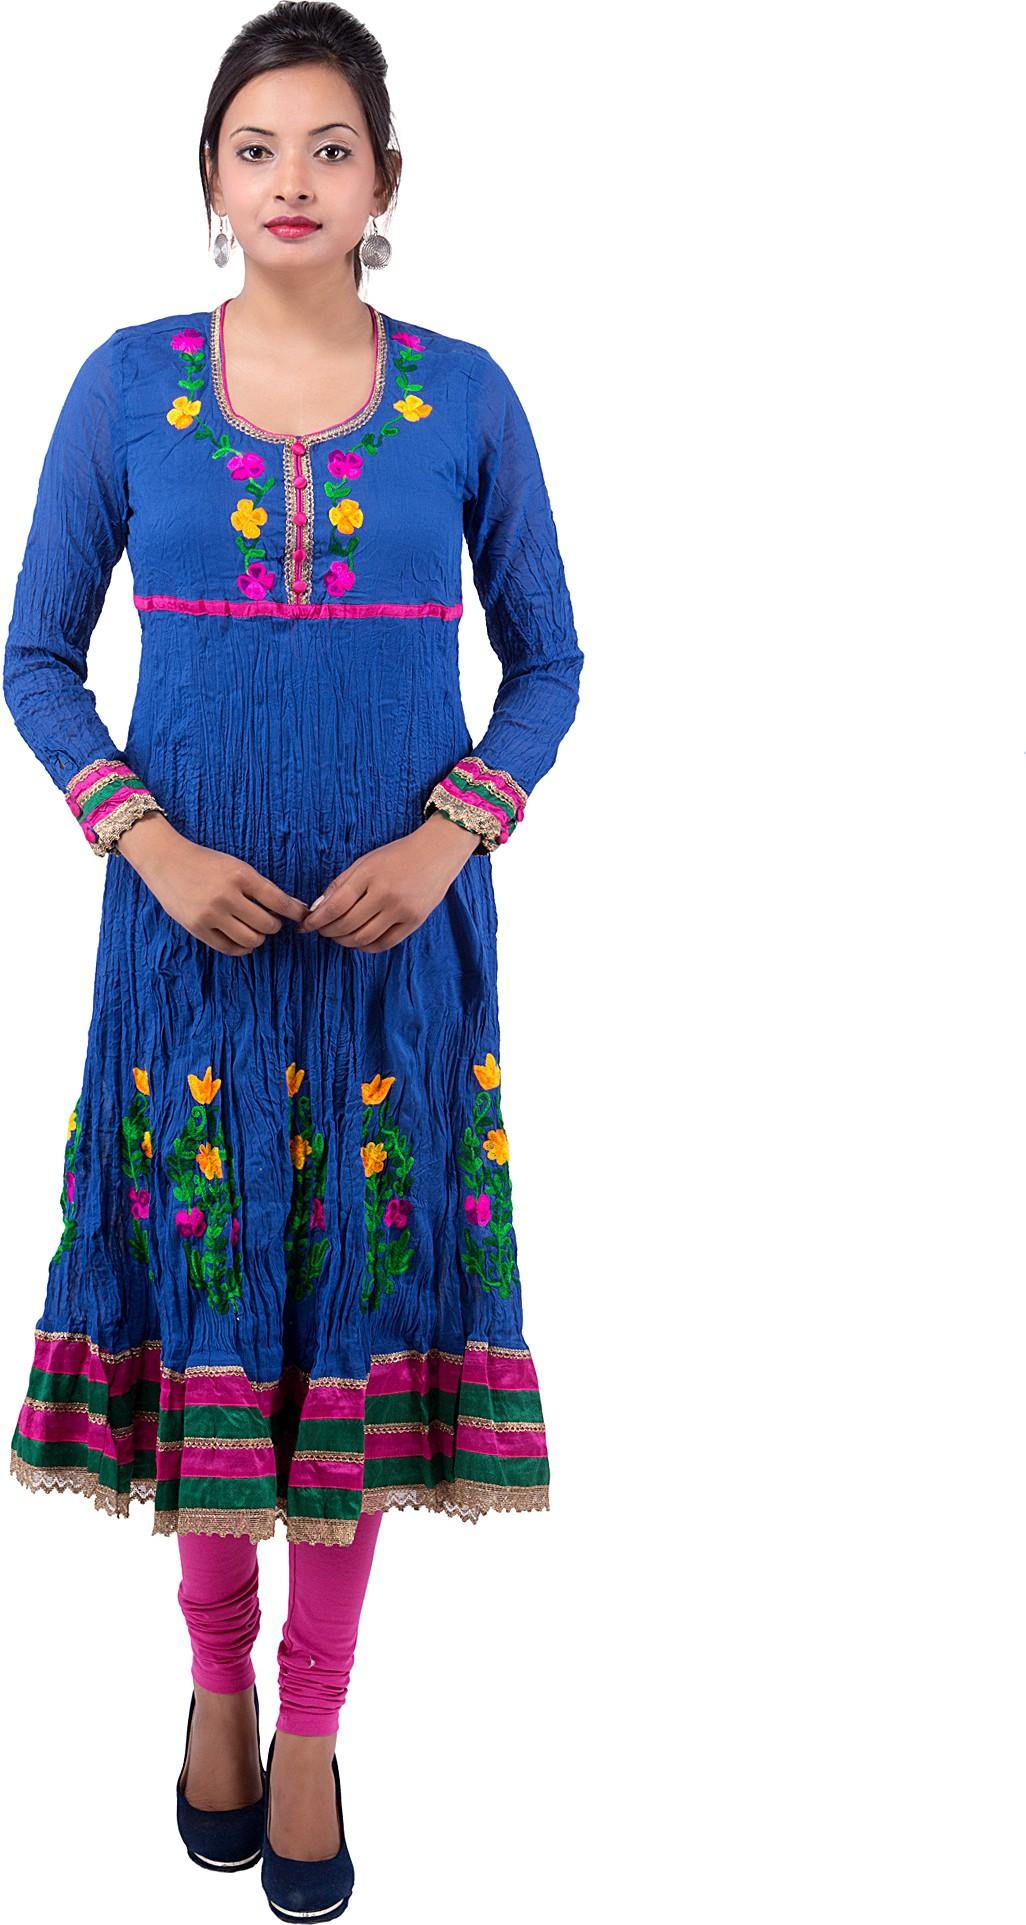 Ishwar Womens Wear Floral Print Womens Anarkali Kurta(Blue)